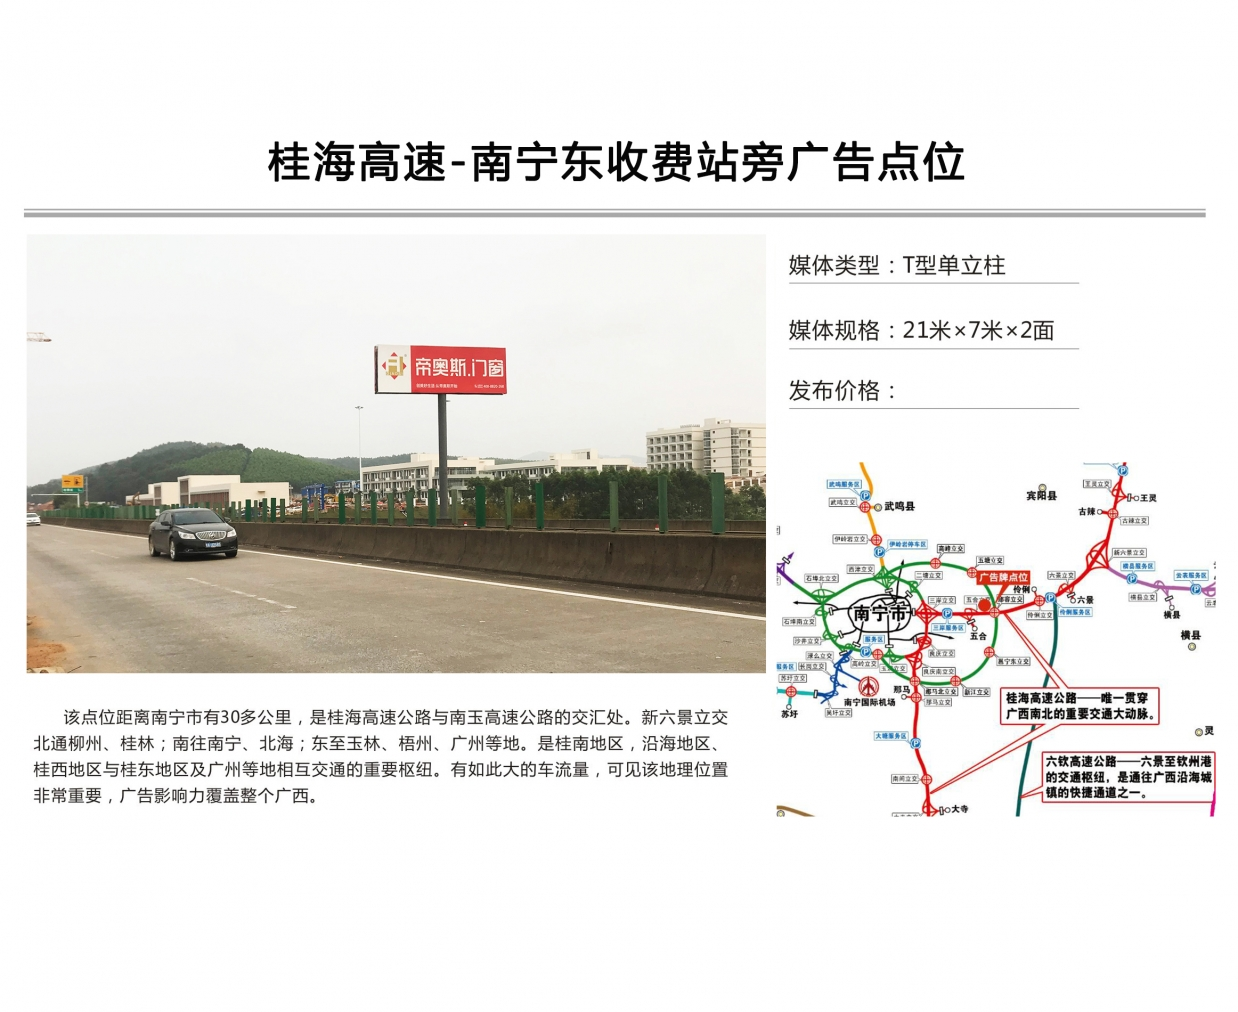 桂海高速-南宁东收费站旁广告点位